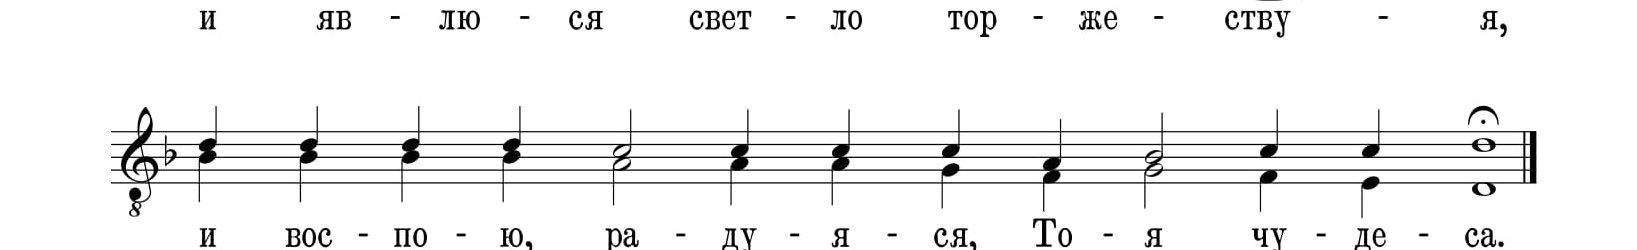 Отверзу уста моя (Сокращенного греческого распева, в изложении иеромонаха Афанасия)